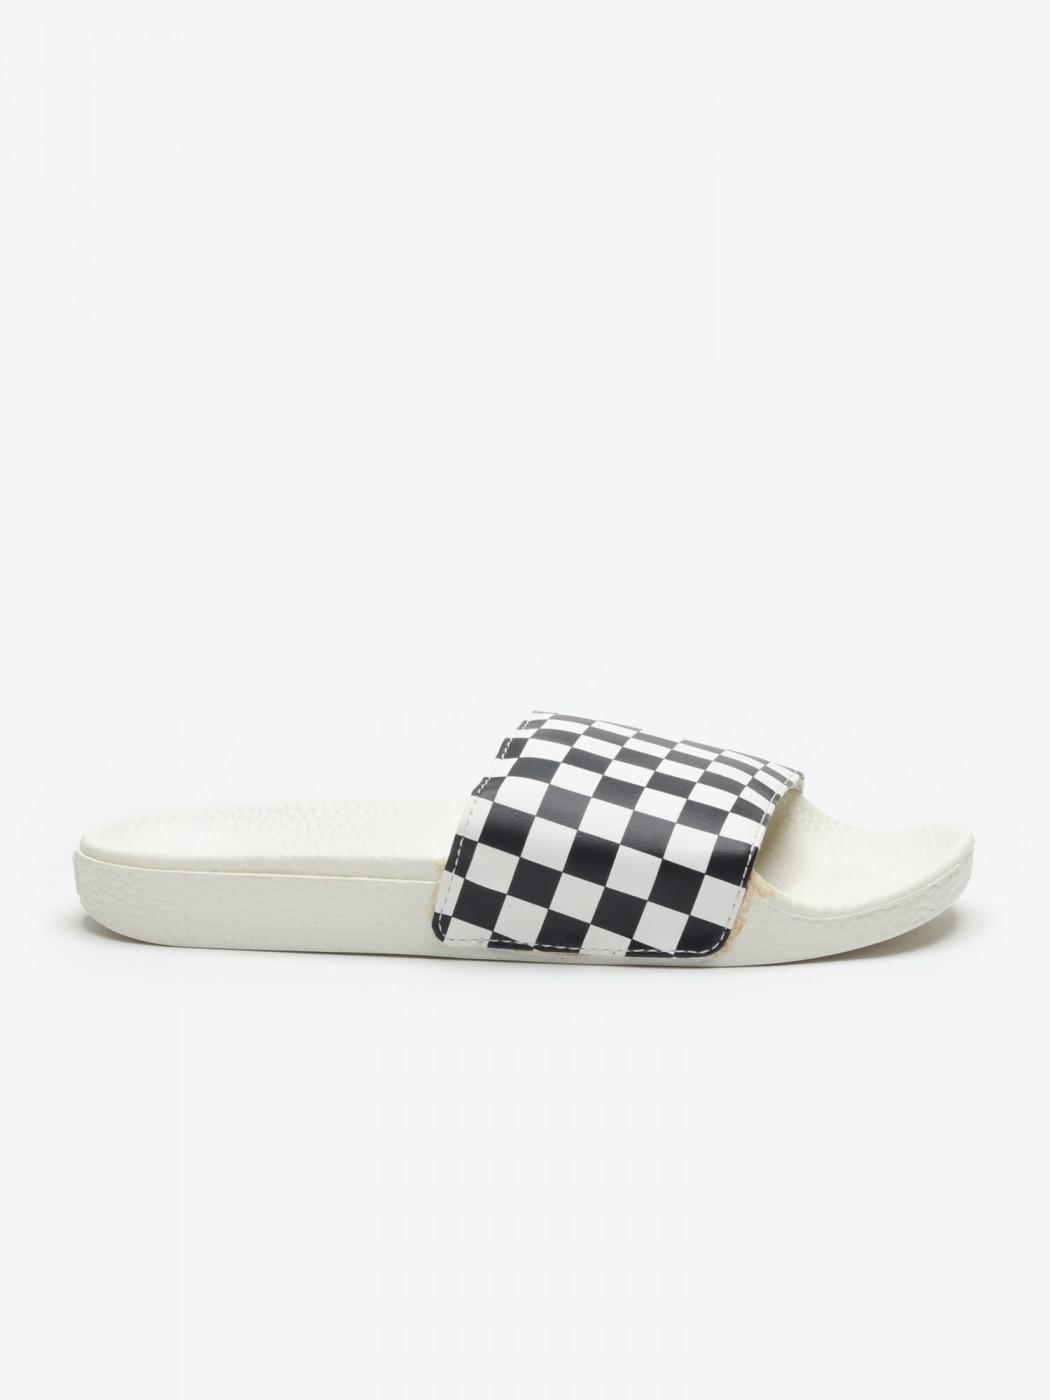 Vans Wm Slide-On (Checkerboard) Slippers